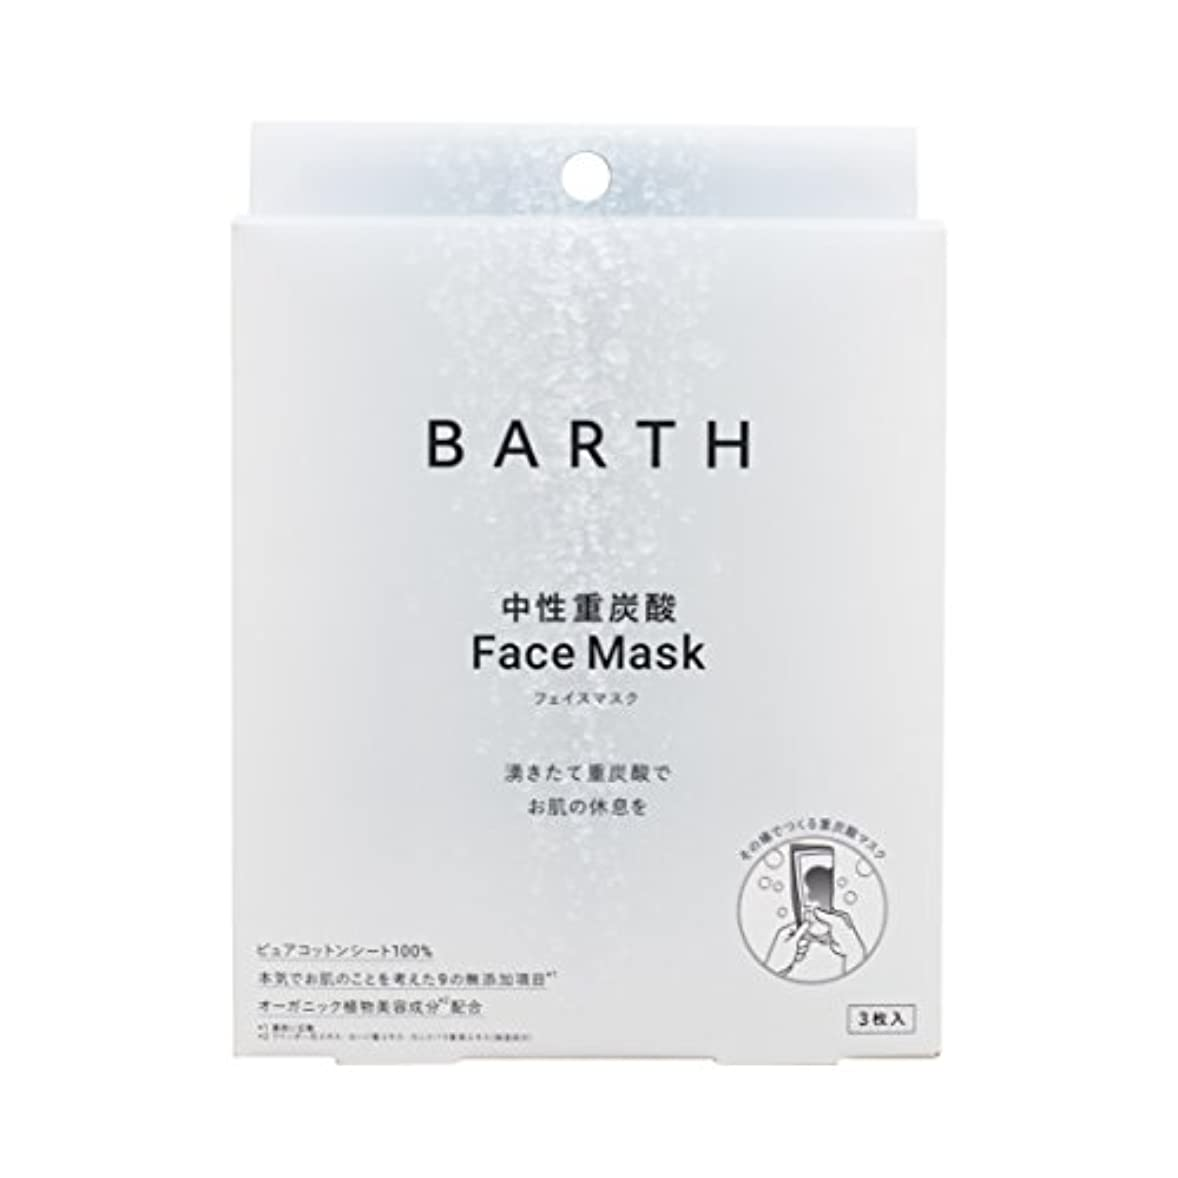 促進する登録する会議BARTH【バース】 中性 重炭酸 フェイスマスク (無添加 日本製 ピュアコットン 100% オーガニック植物美容成分3種入り) (3包入り)